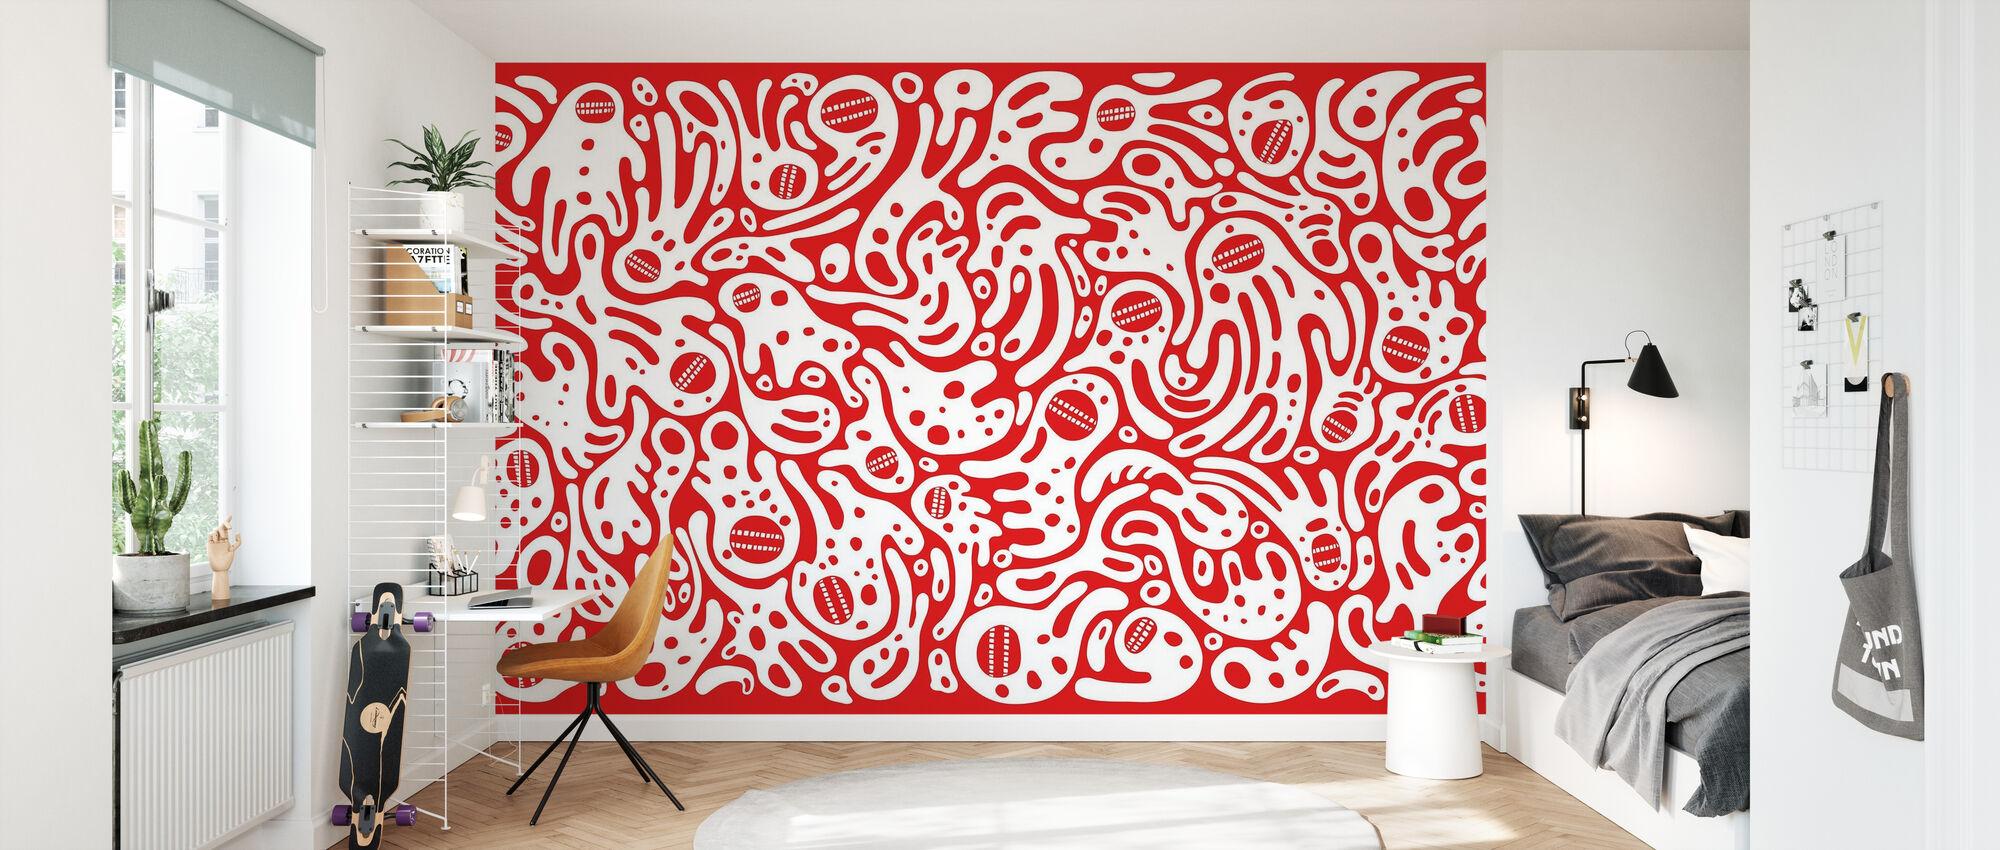 DT Wall1 - Papier peint - Chambre des enfants